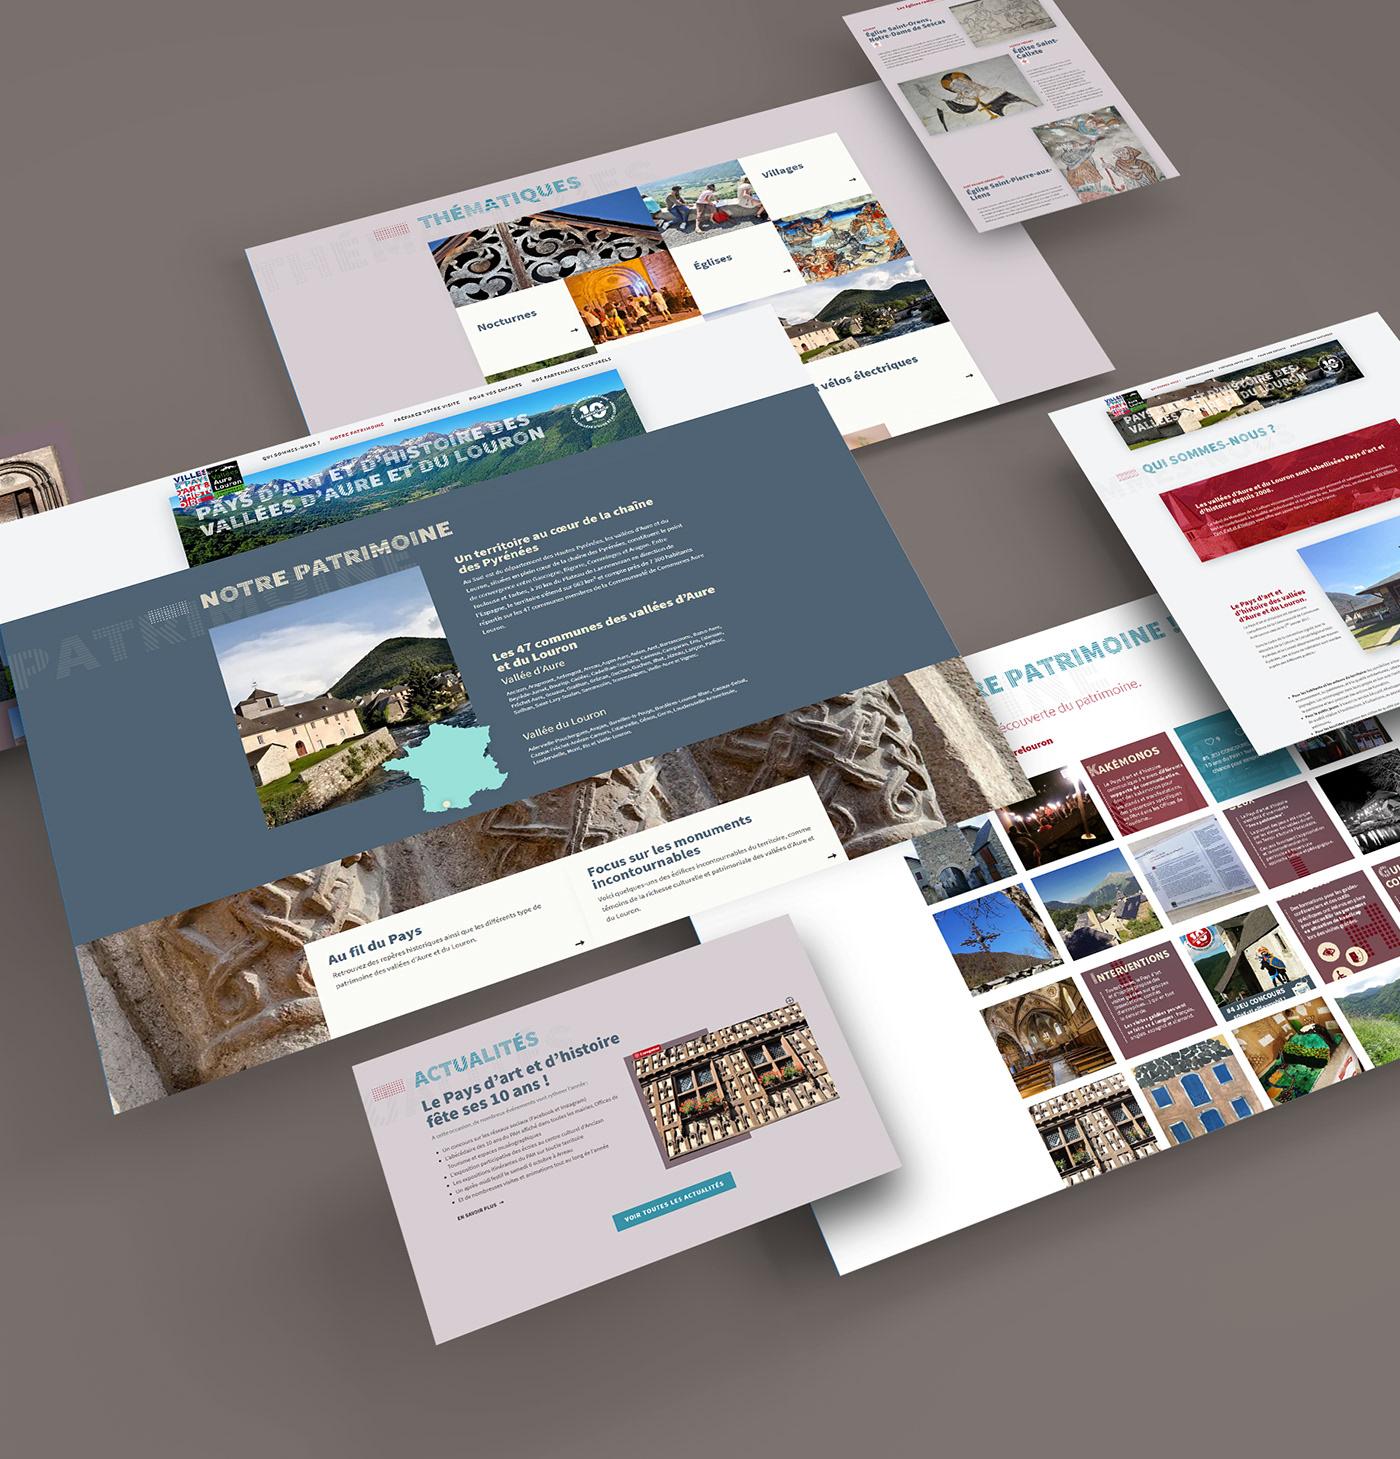 pah aure louron pyrenees Tourisme redesign site web